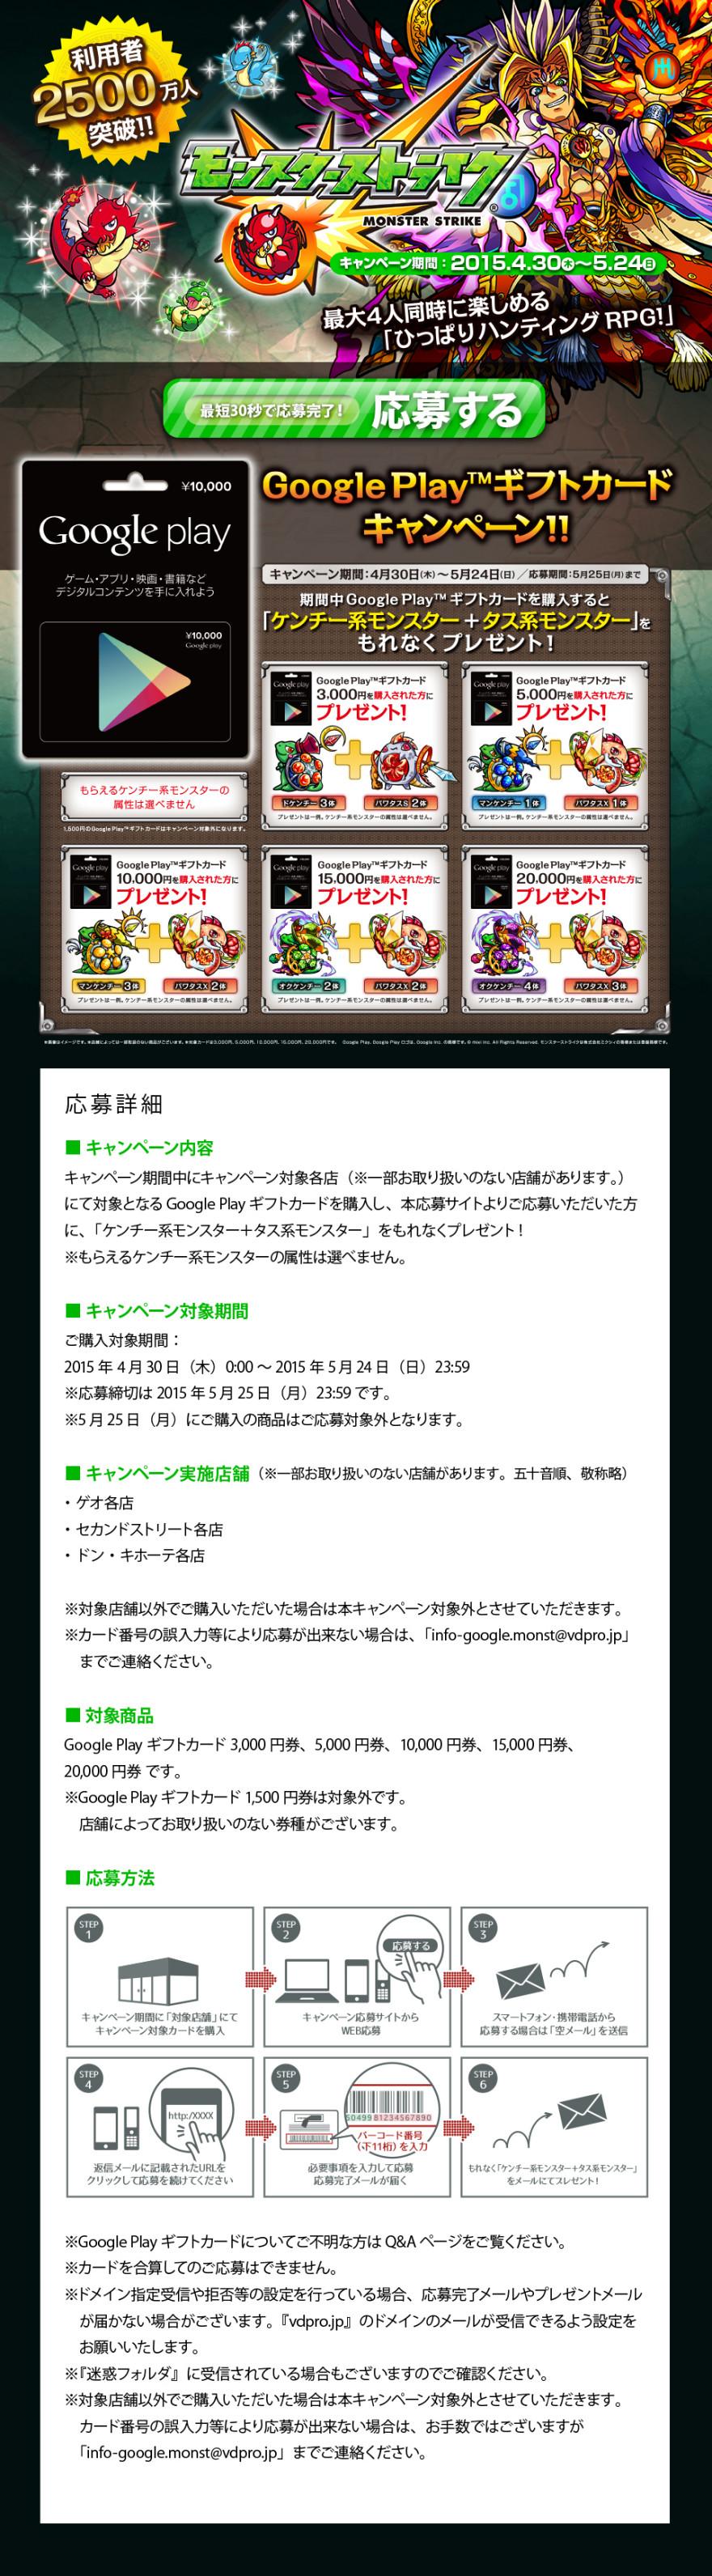 コラボ Google Playギフトカード モンスターストライク プレゼントキャンペーンスタートのお知らせ